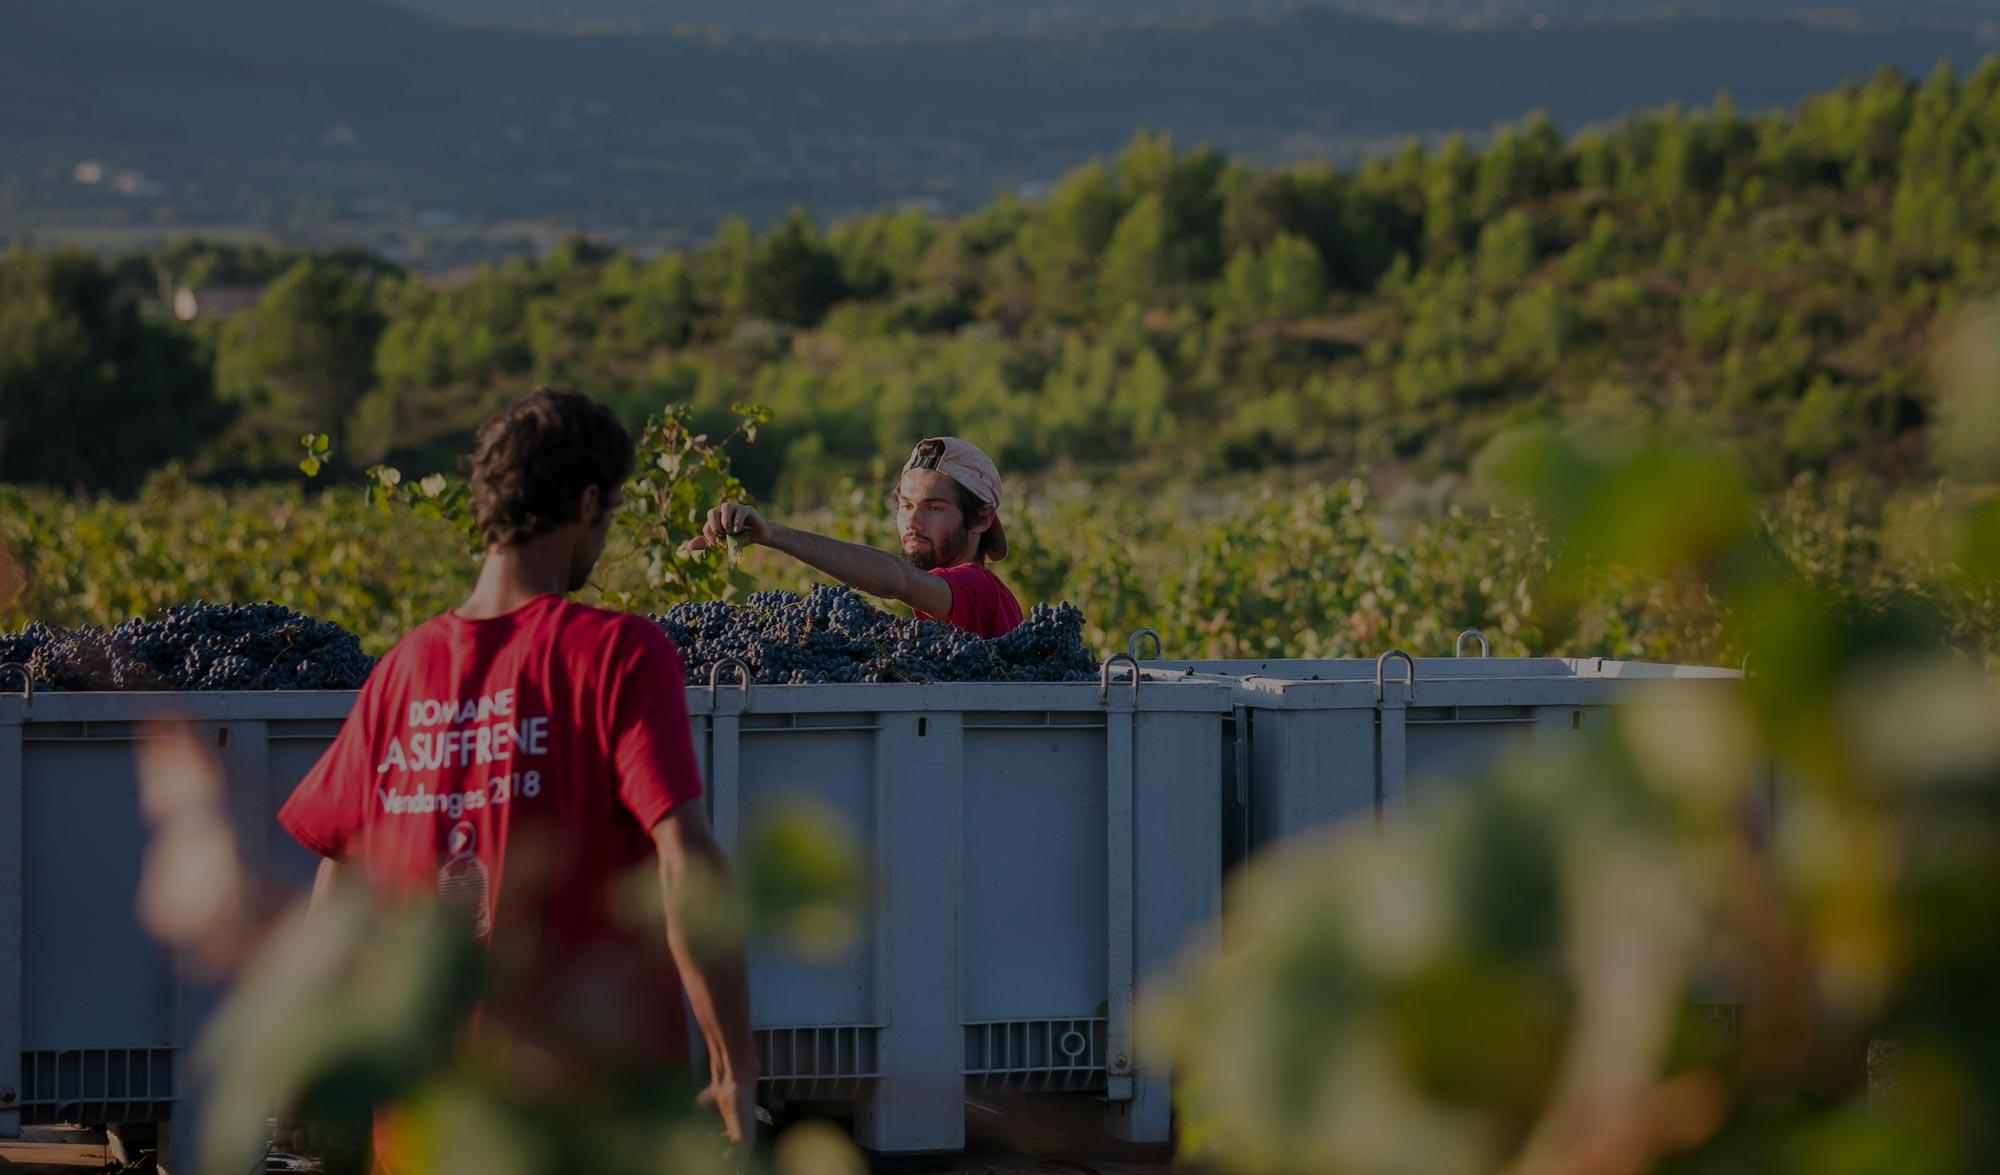 Vendanges 2019 - Domaine la Suffrène - Bandol - La Cadière d'Azur - Vinicole Vin et huile d'olive